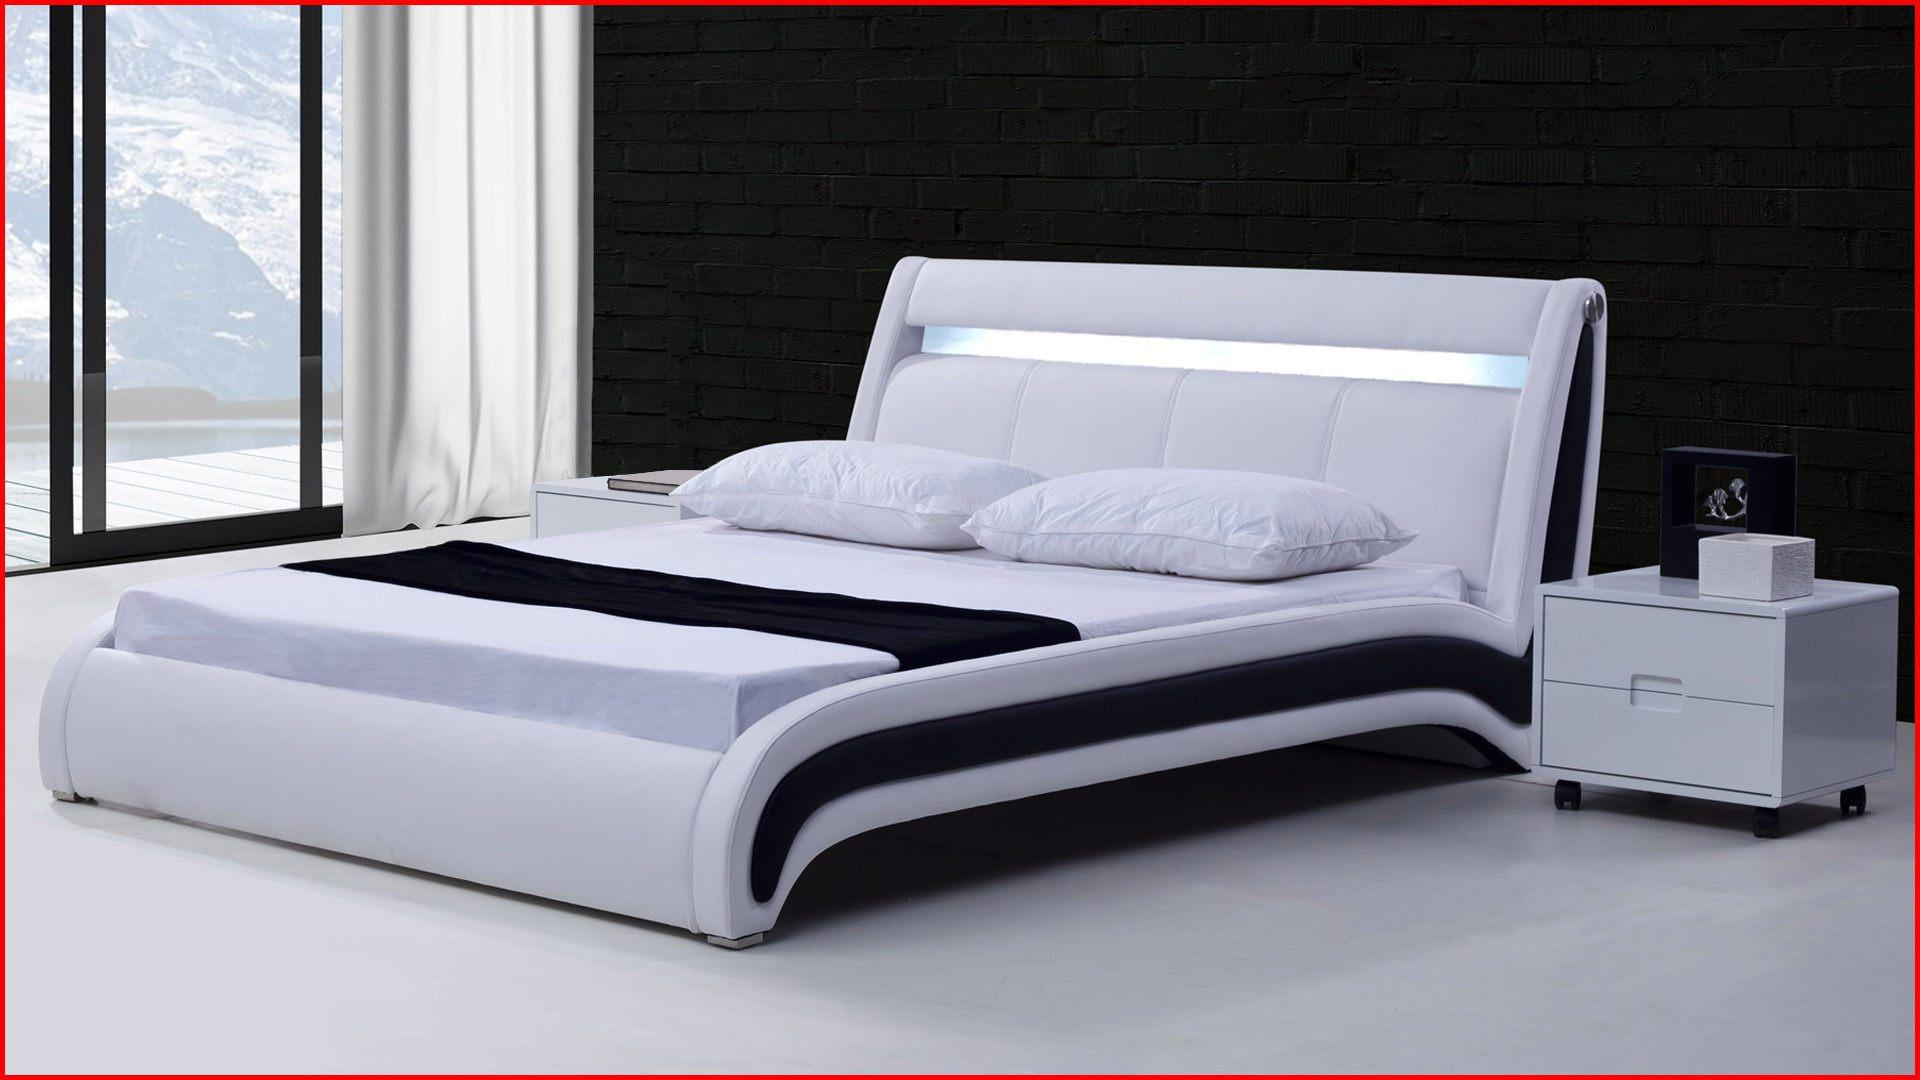 Ikea Lit Coffre Bel Lit 80 190 Matras 190 X 140 Inspirerende Bett 80—200 Ikea Schön Groß